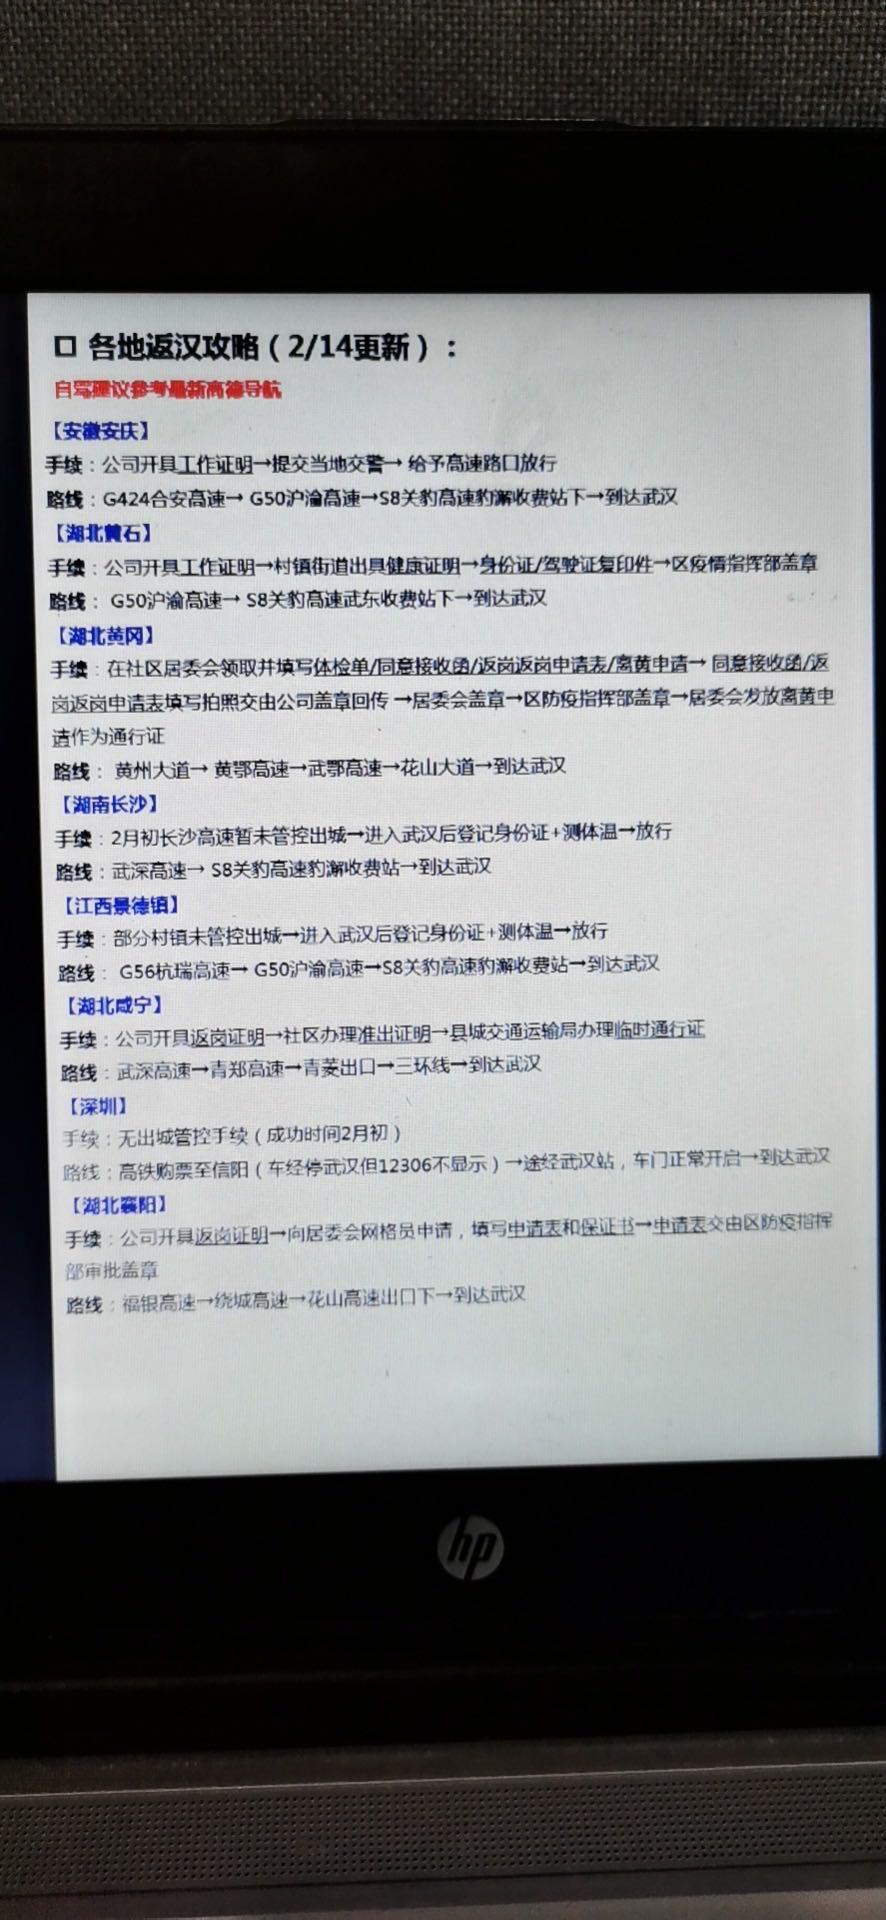 在召集员工返汉复工的同时,也有员工表示,期待公司更进一步加强工厂疫情防控措施。